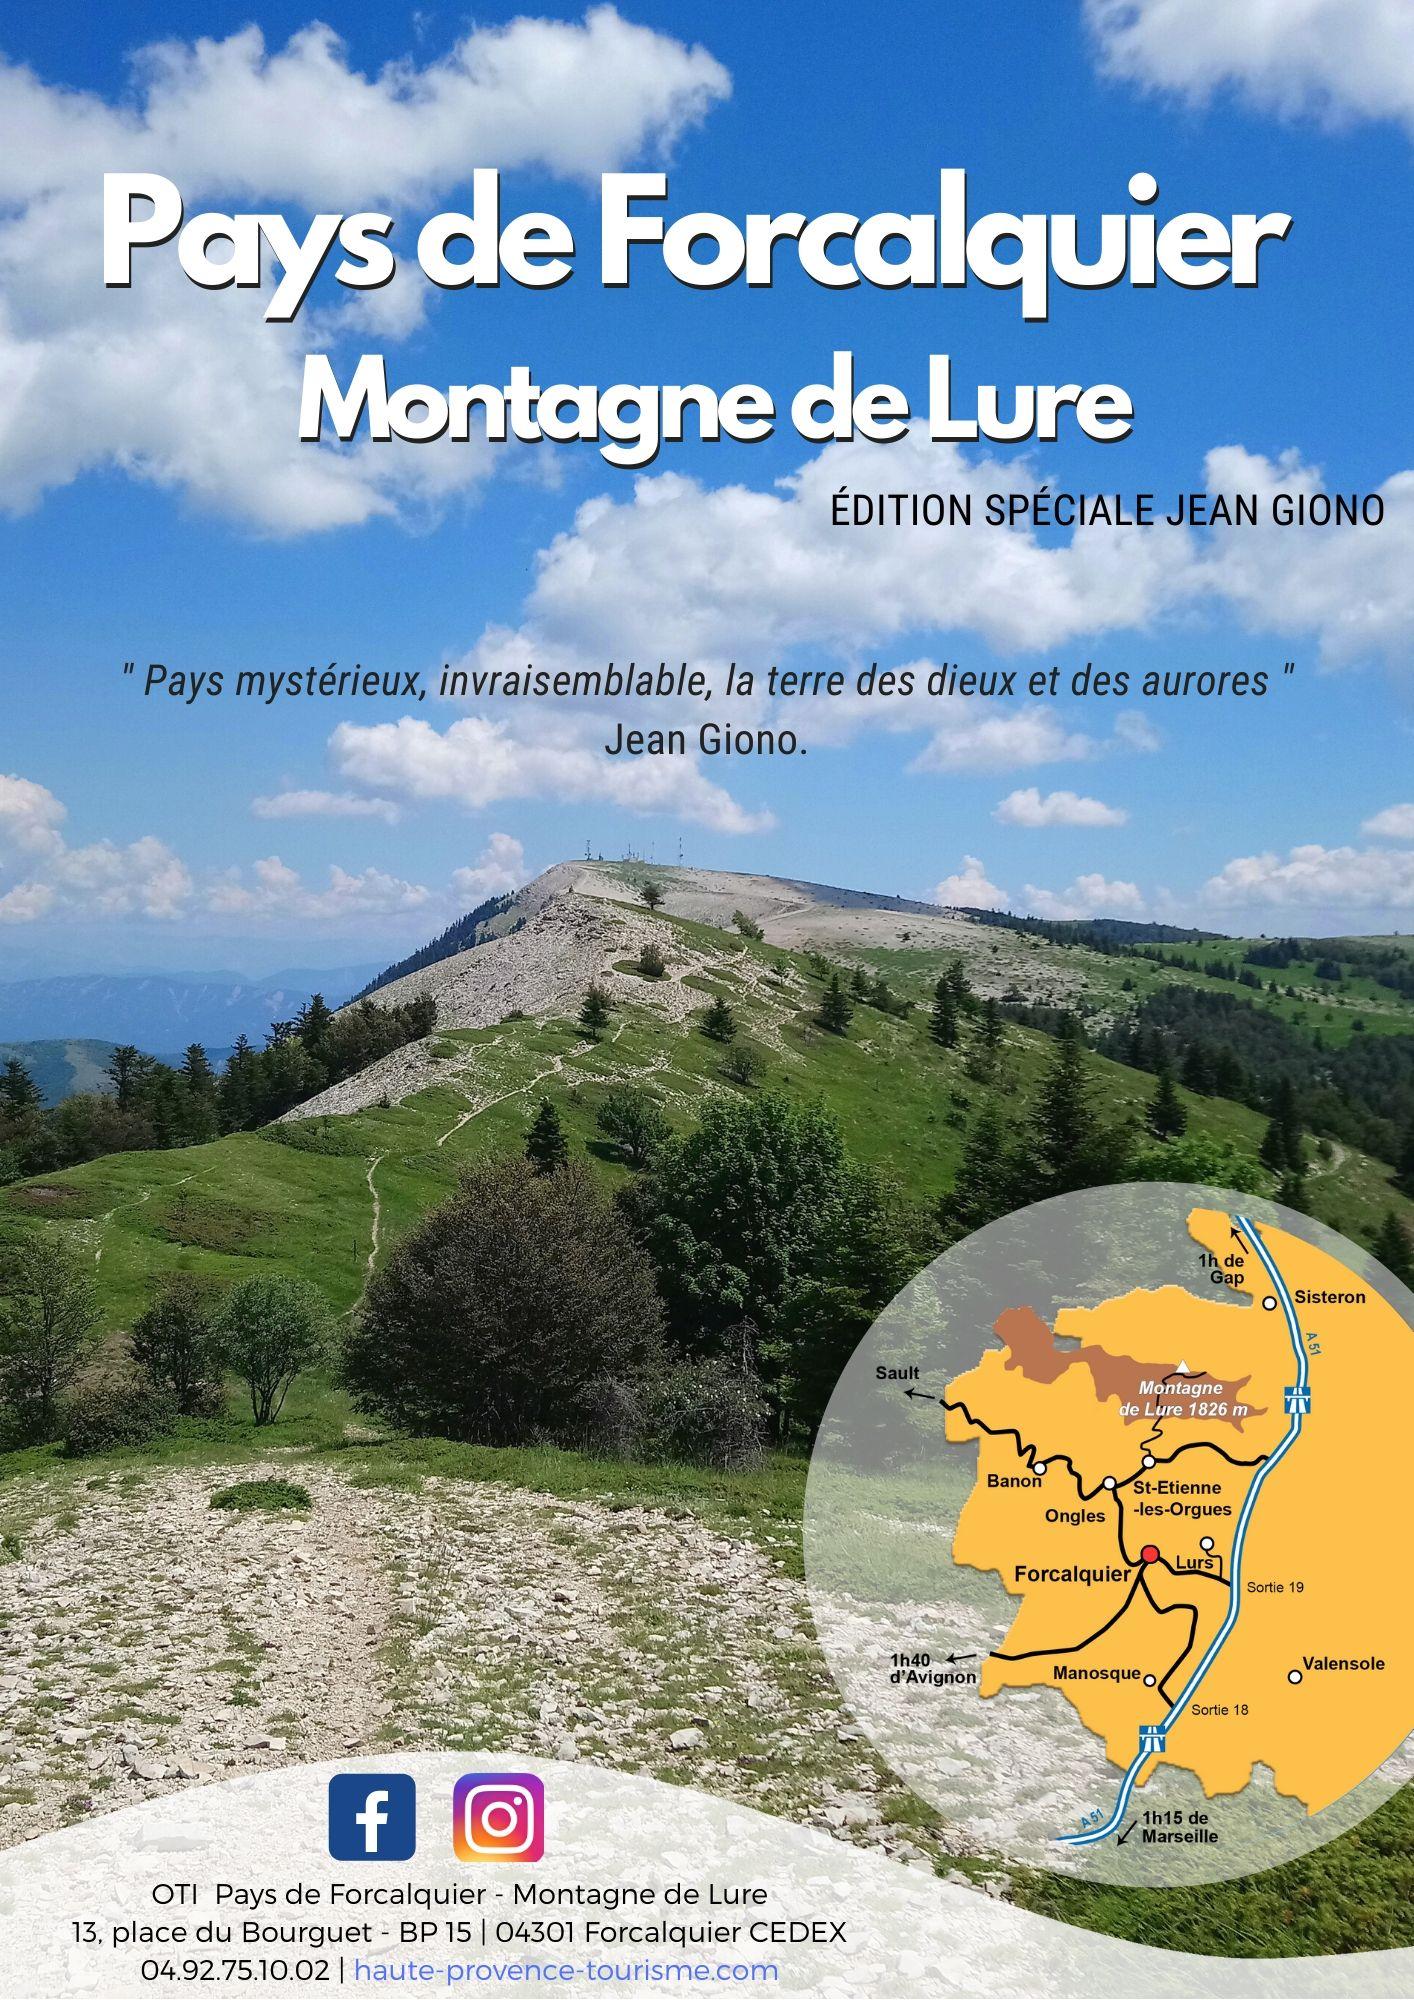 Pays de Forcalquier - Montagne de Lure